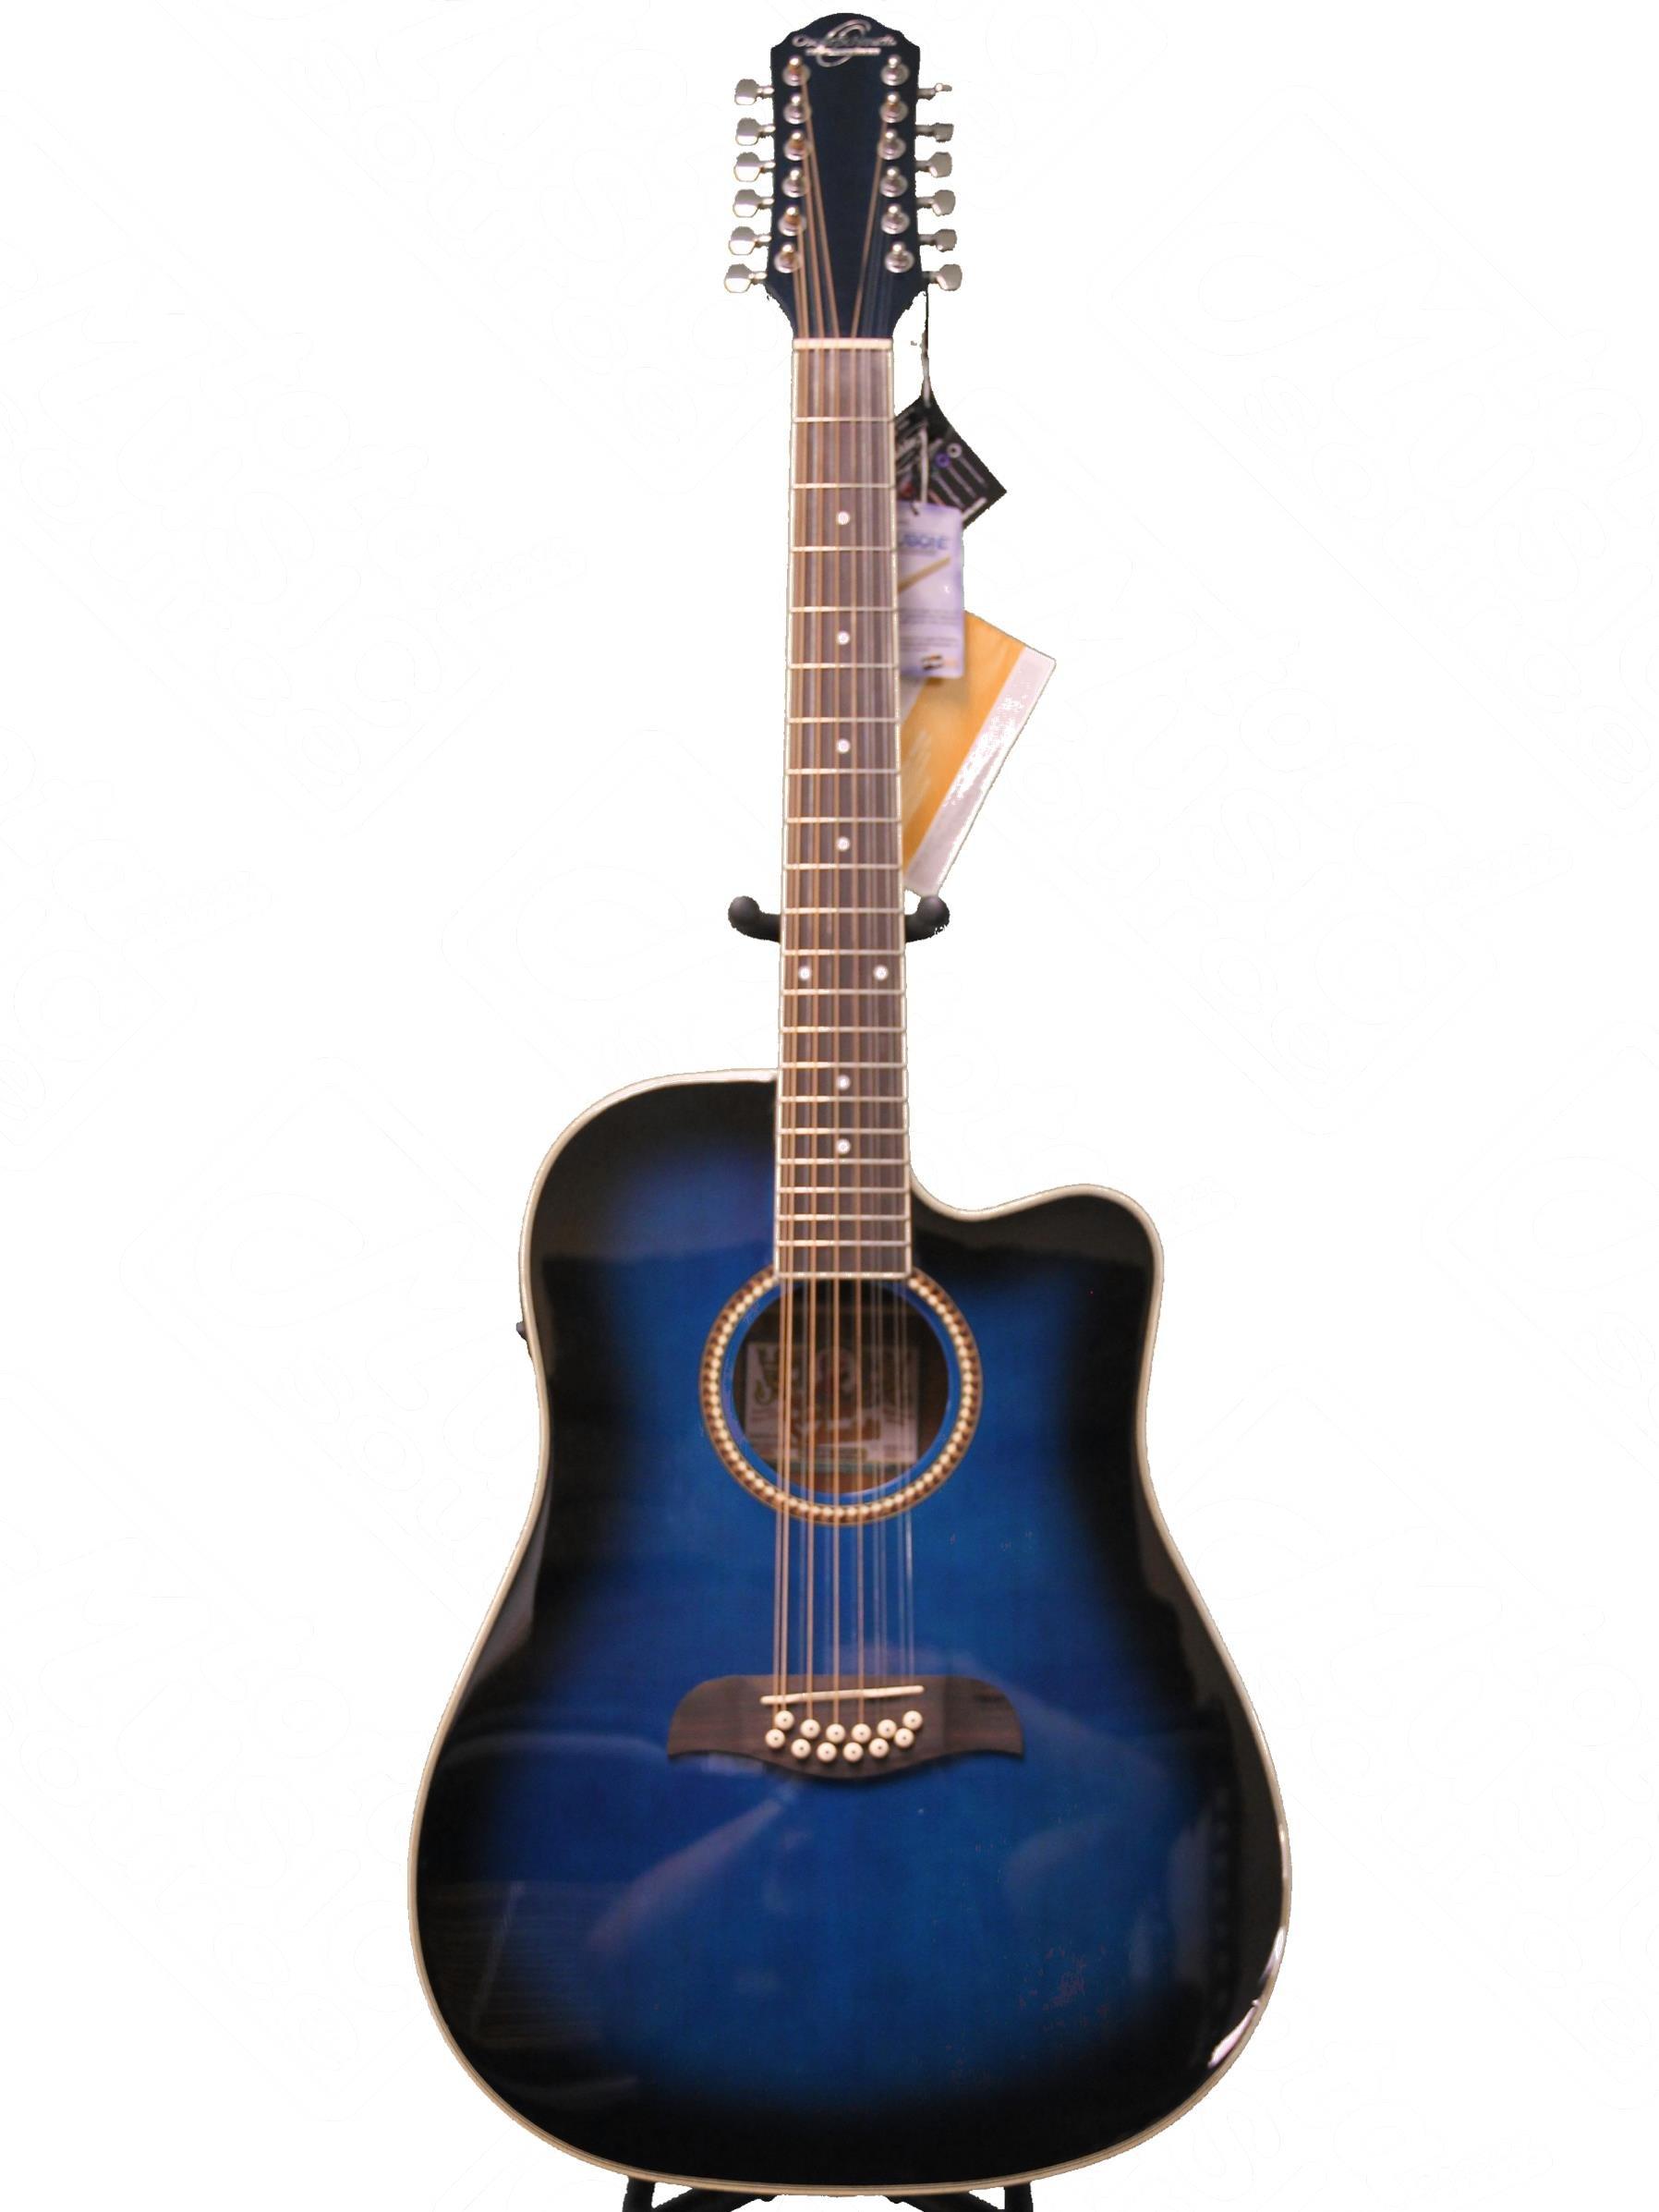 oscar schmidt by washburn 12 string acoustic electric guitar od312cettbl trans blue guitar. Black Bedroom Furniture Sets. Home Design Ideas